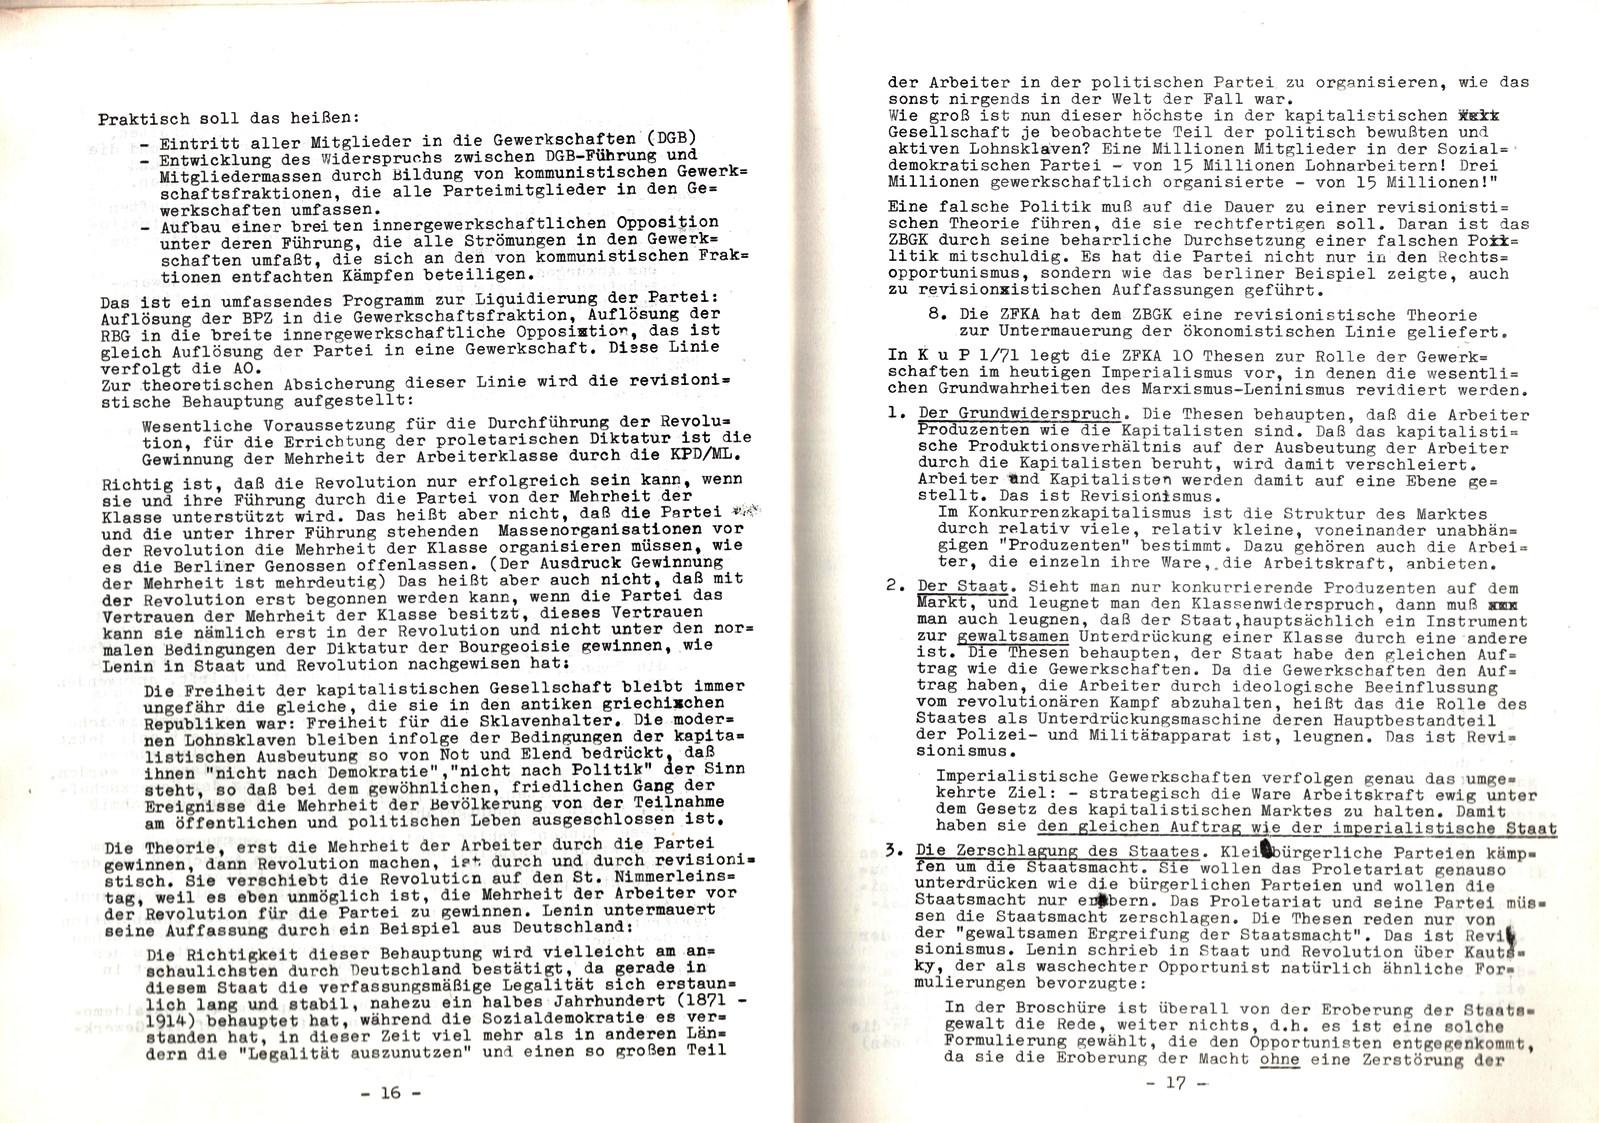 KPDML_1971_Analysen_und_Antraege_des_LV_Sued_West_030